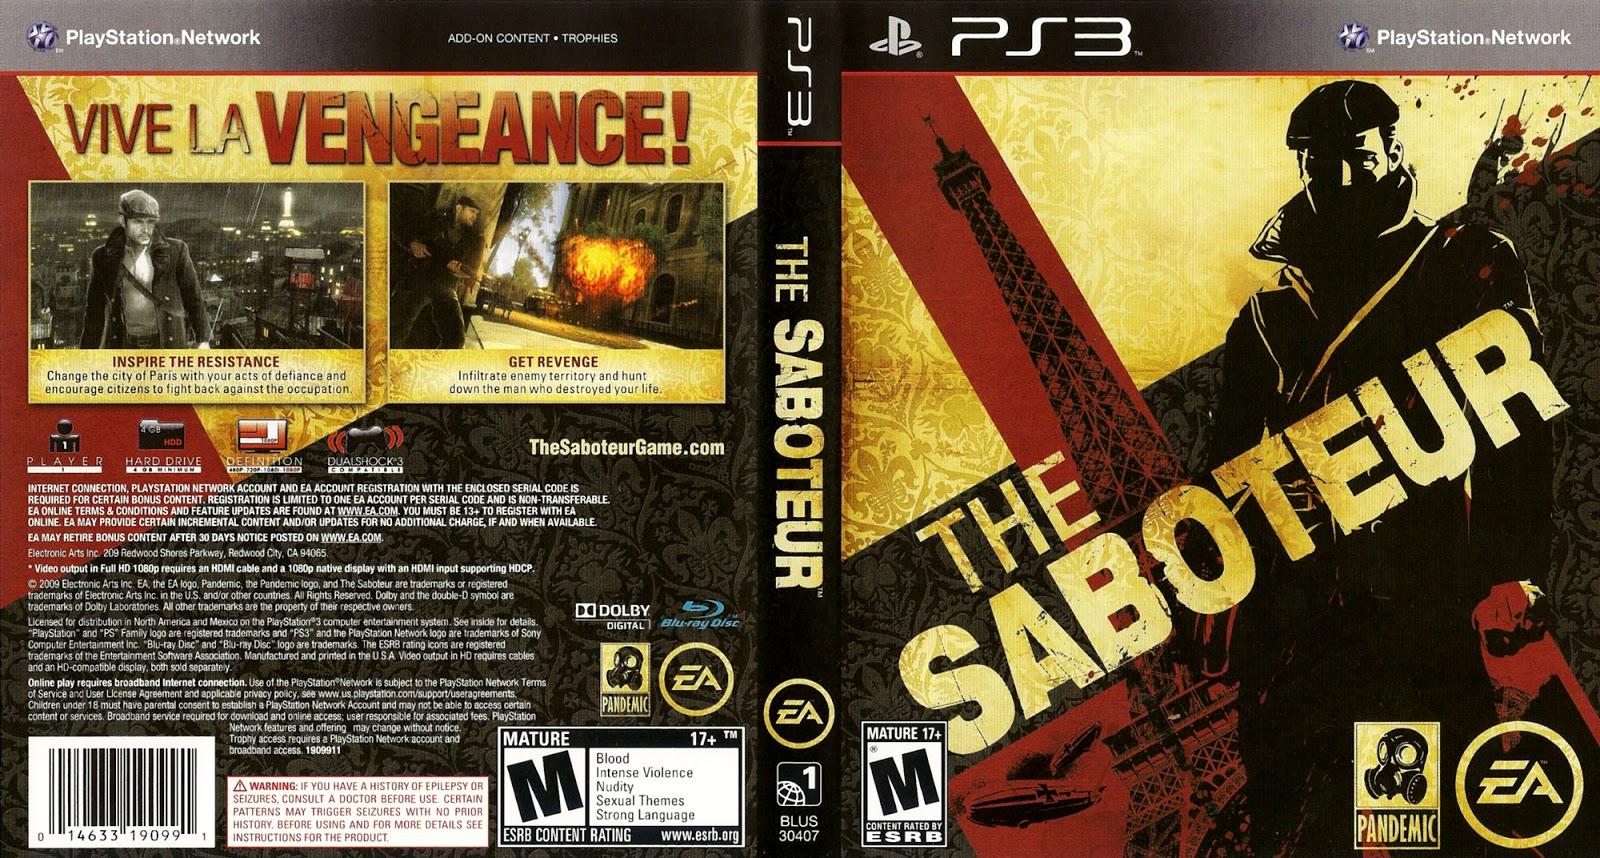 capa do jogo.jpg